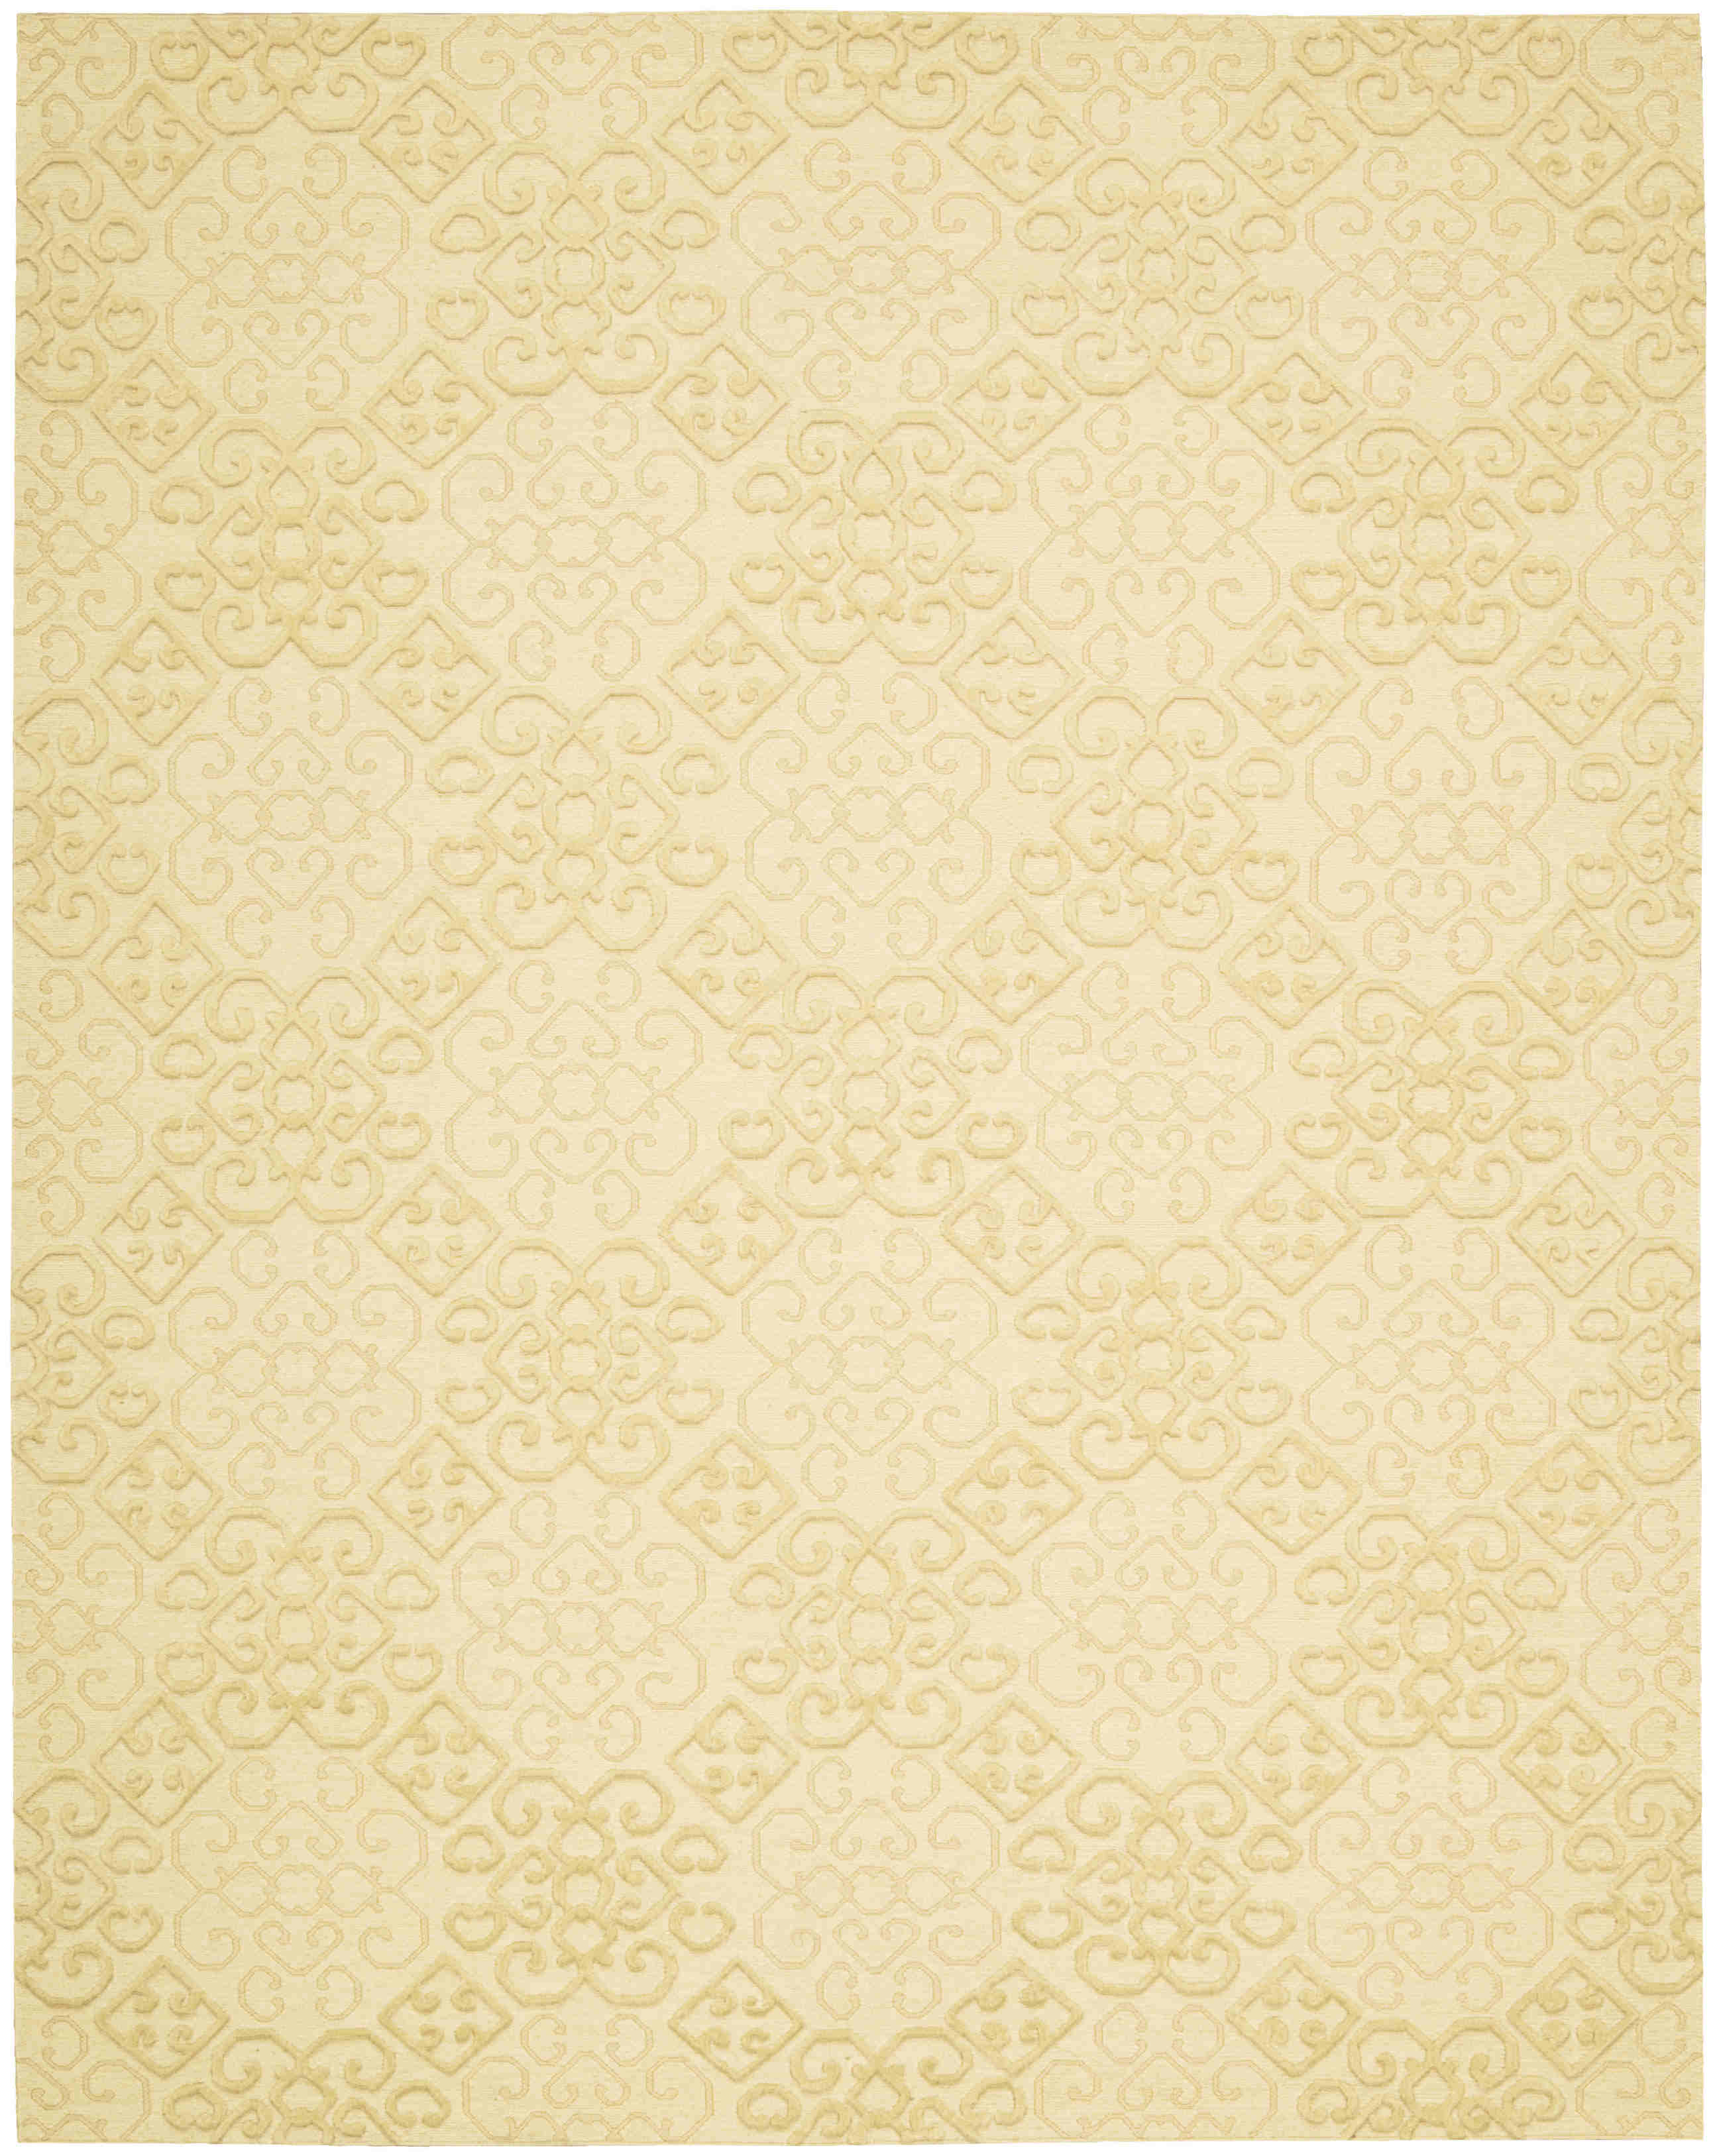 Ambrose Hand Woven Linen Area Rugs